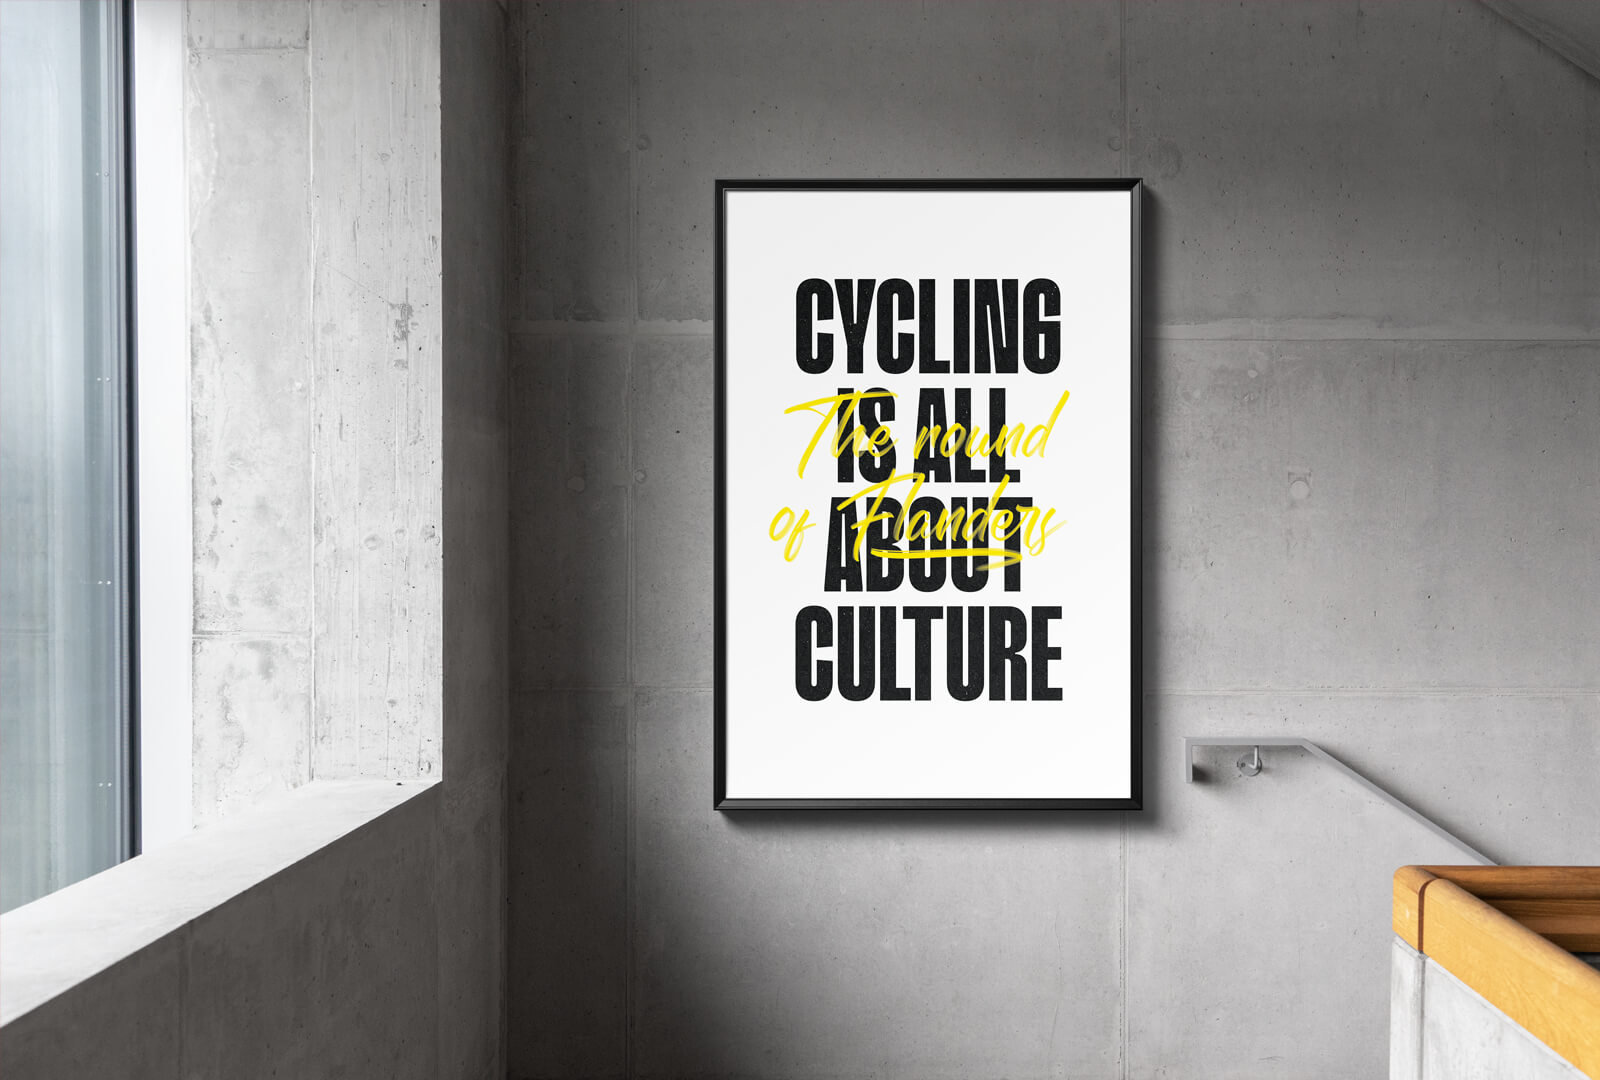 Culture_01